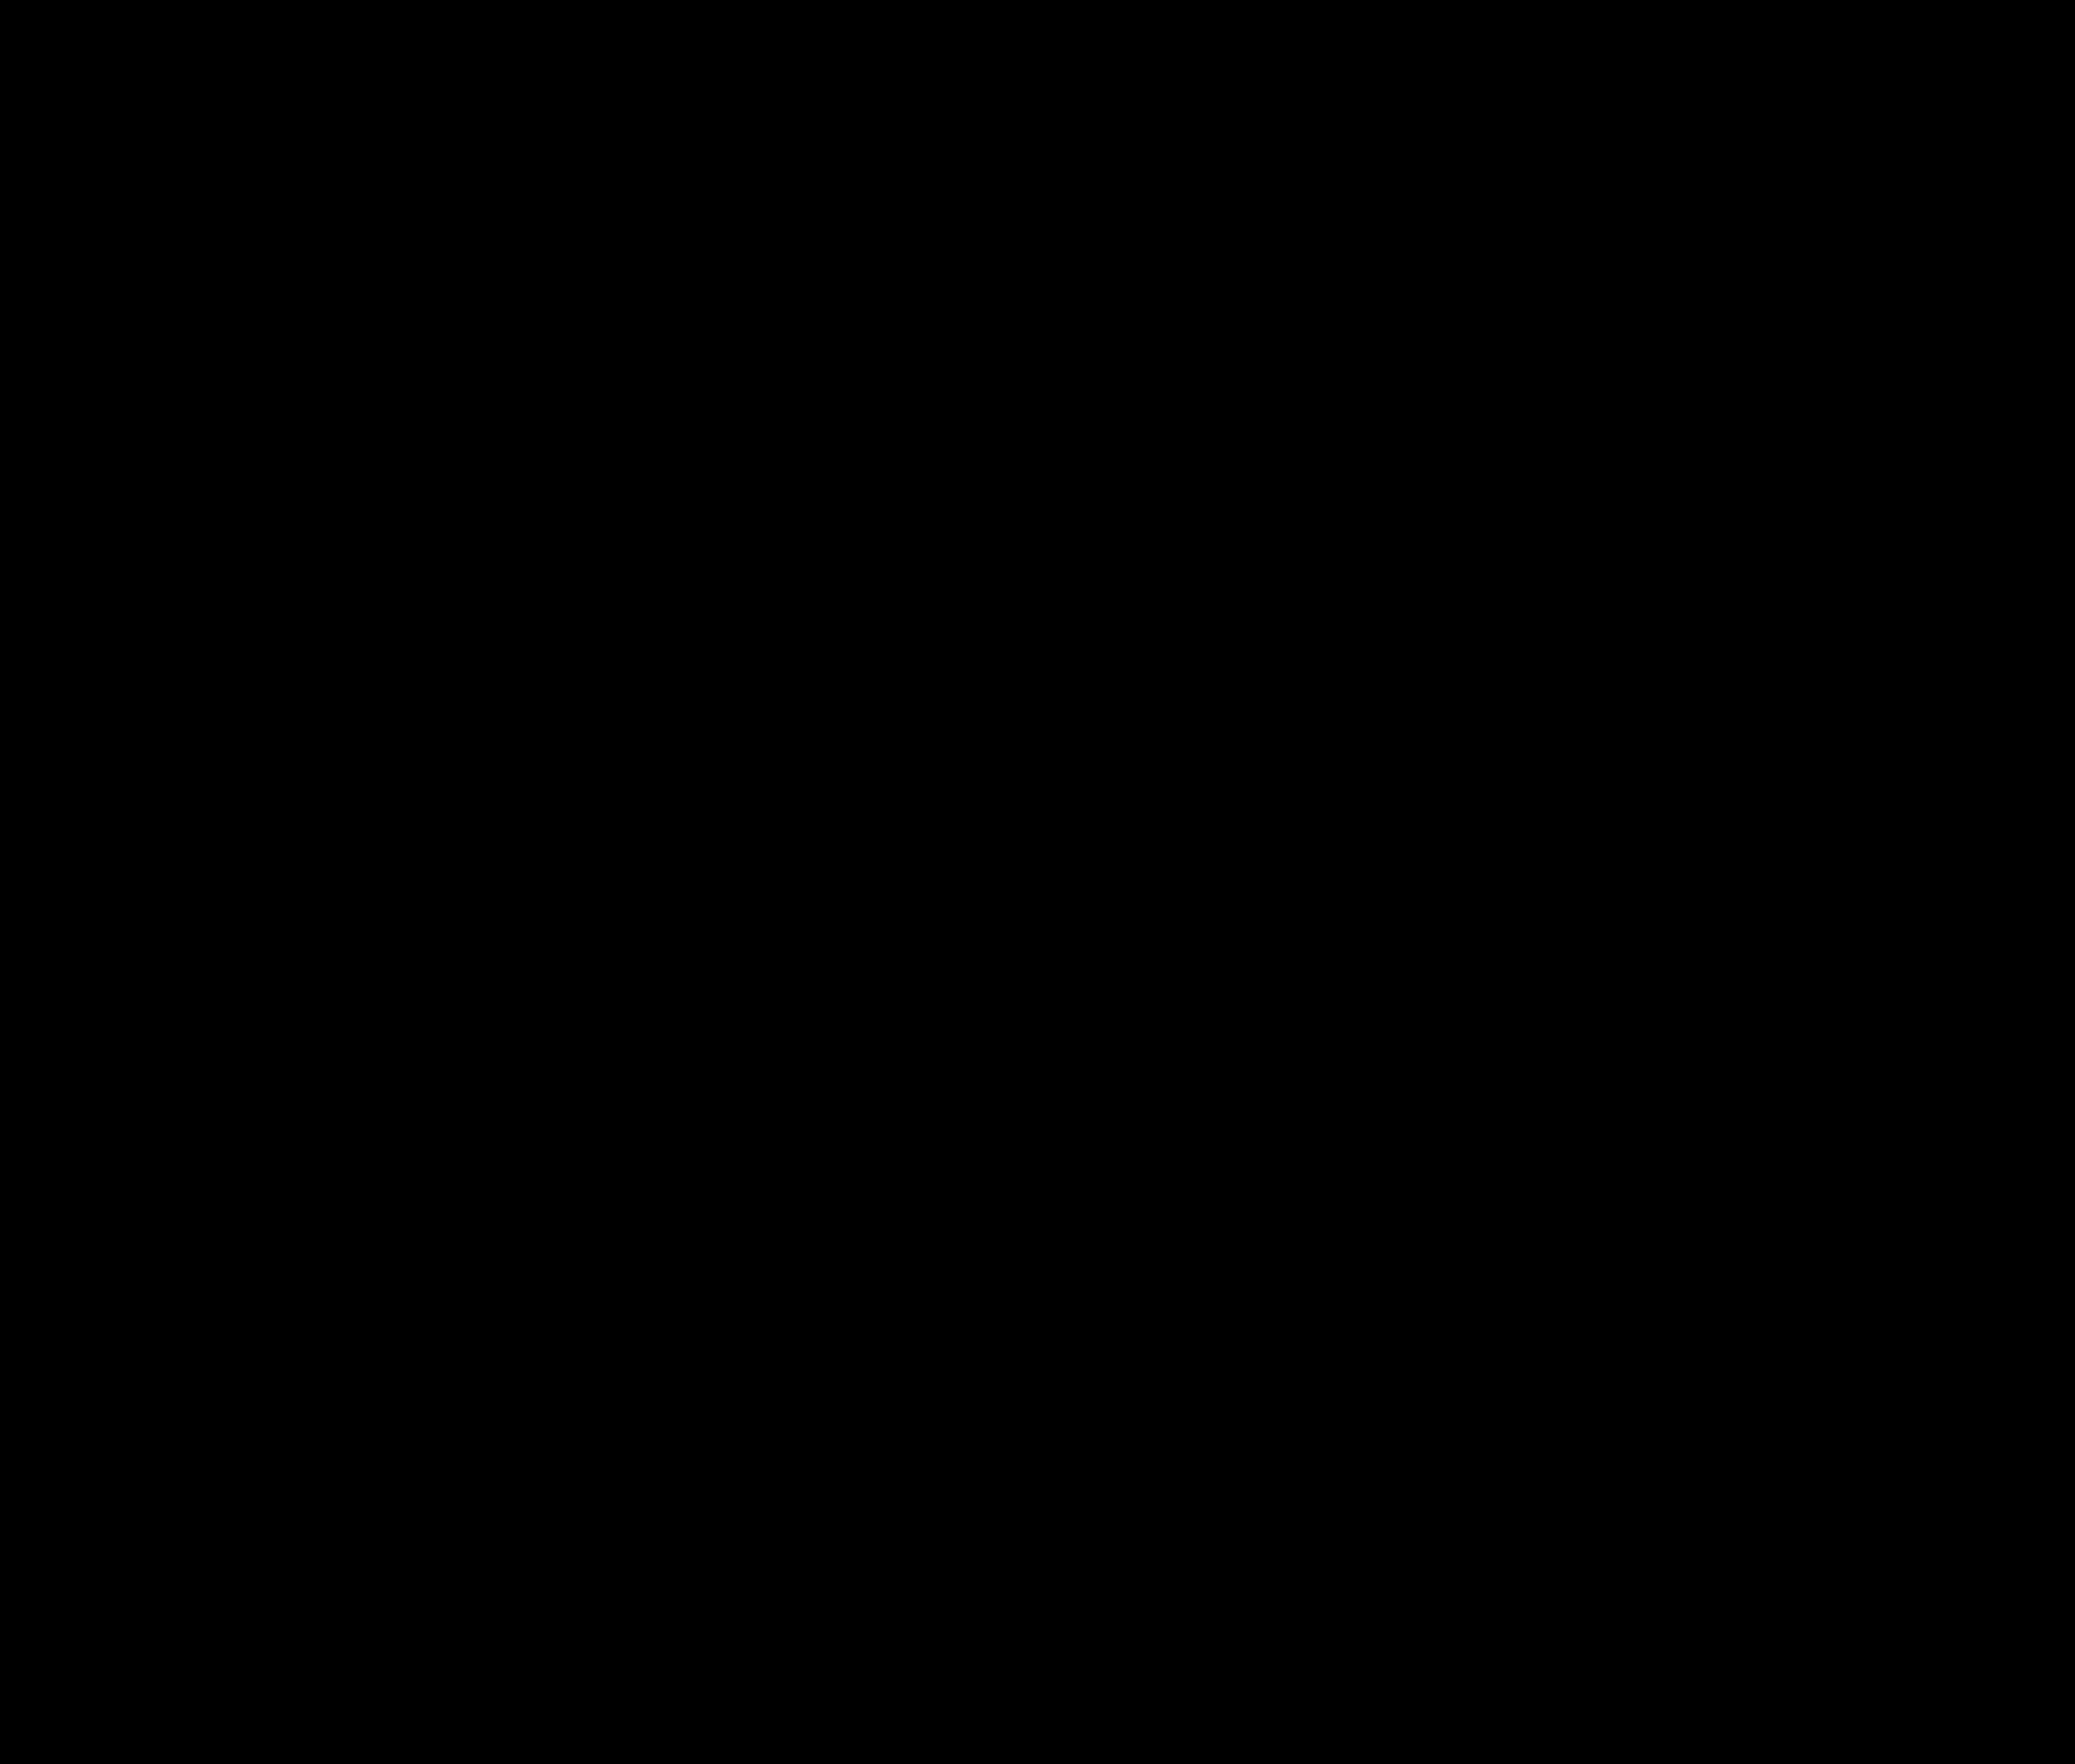 LEDschermexpert.nl